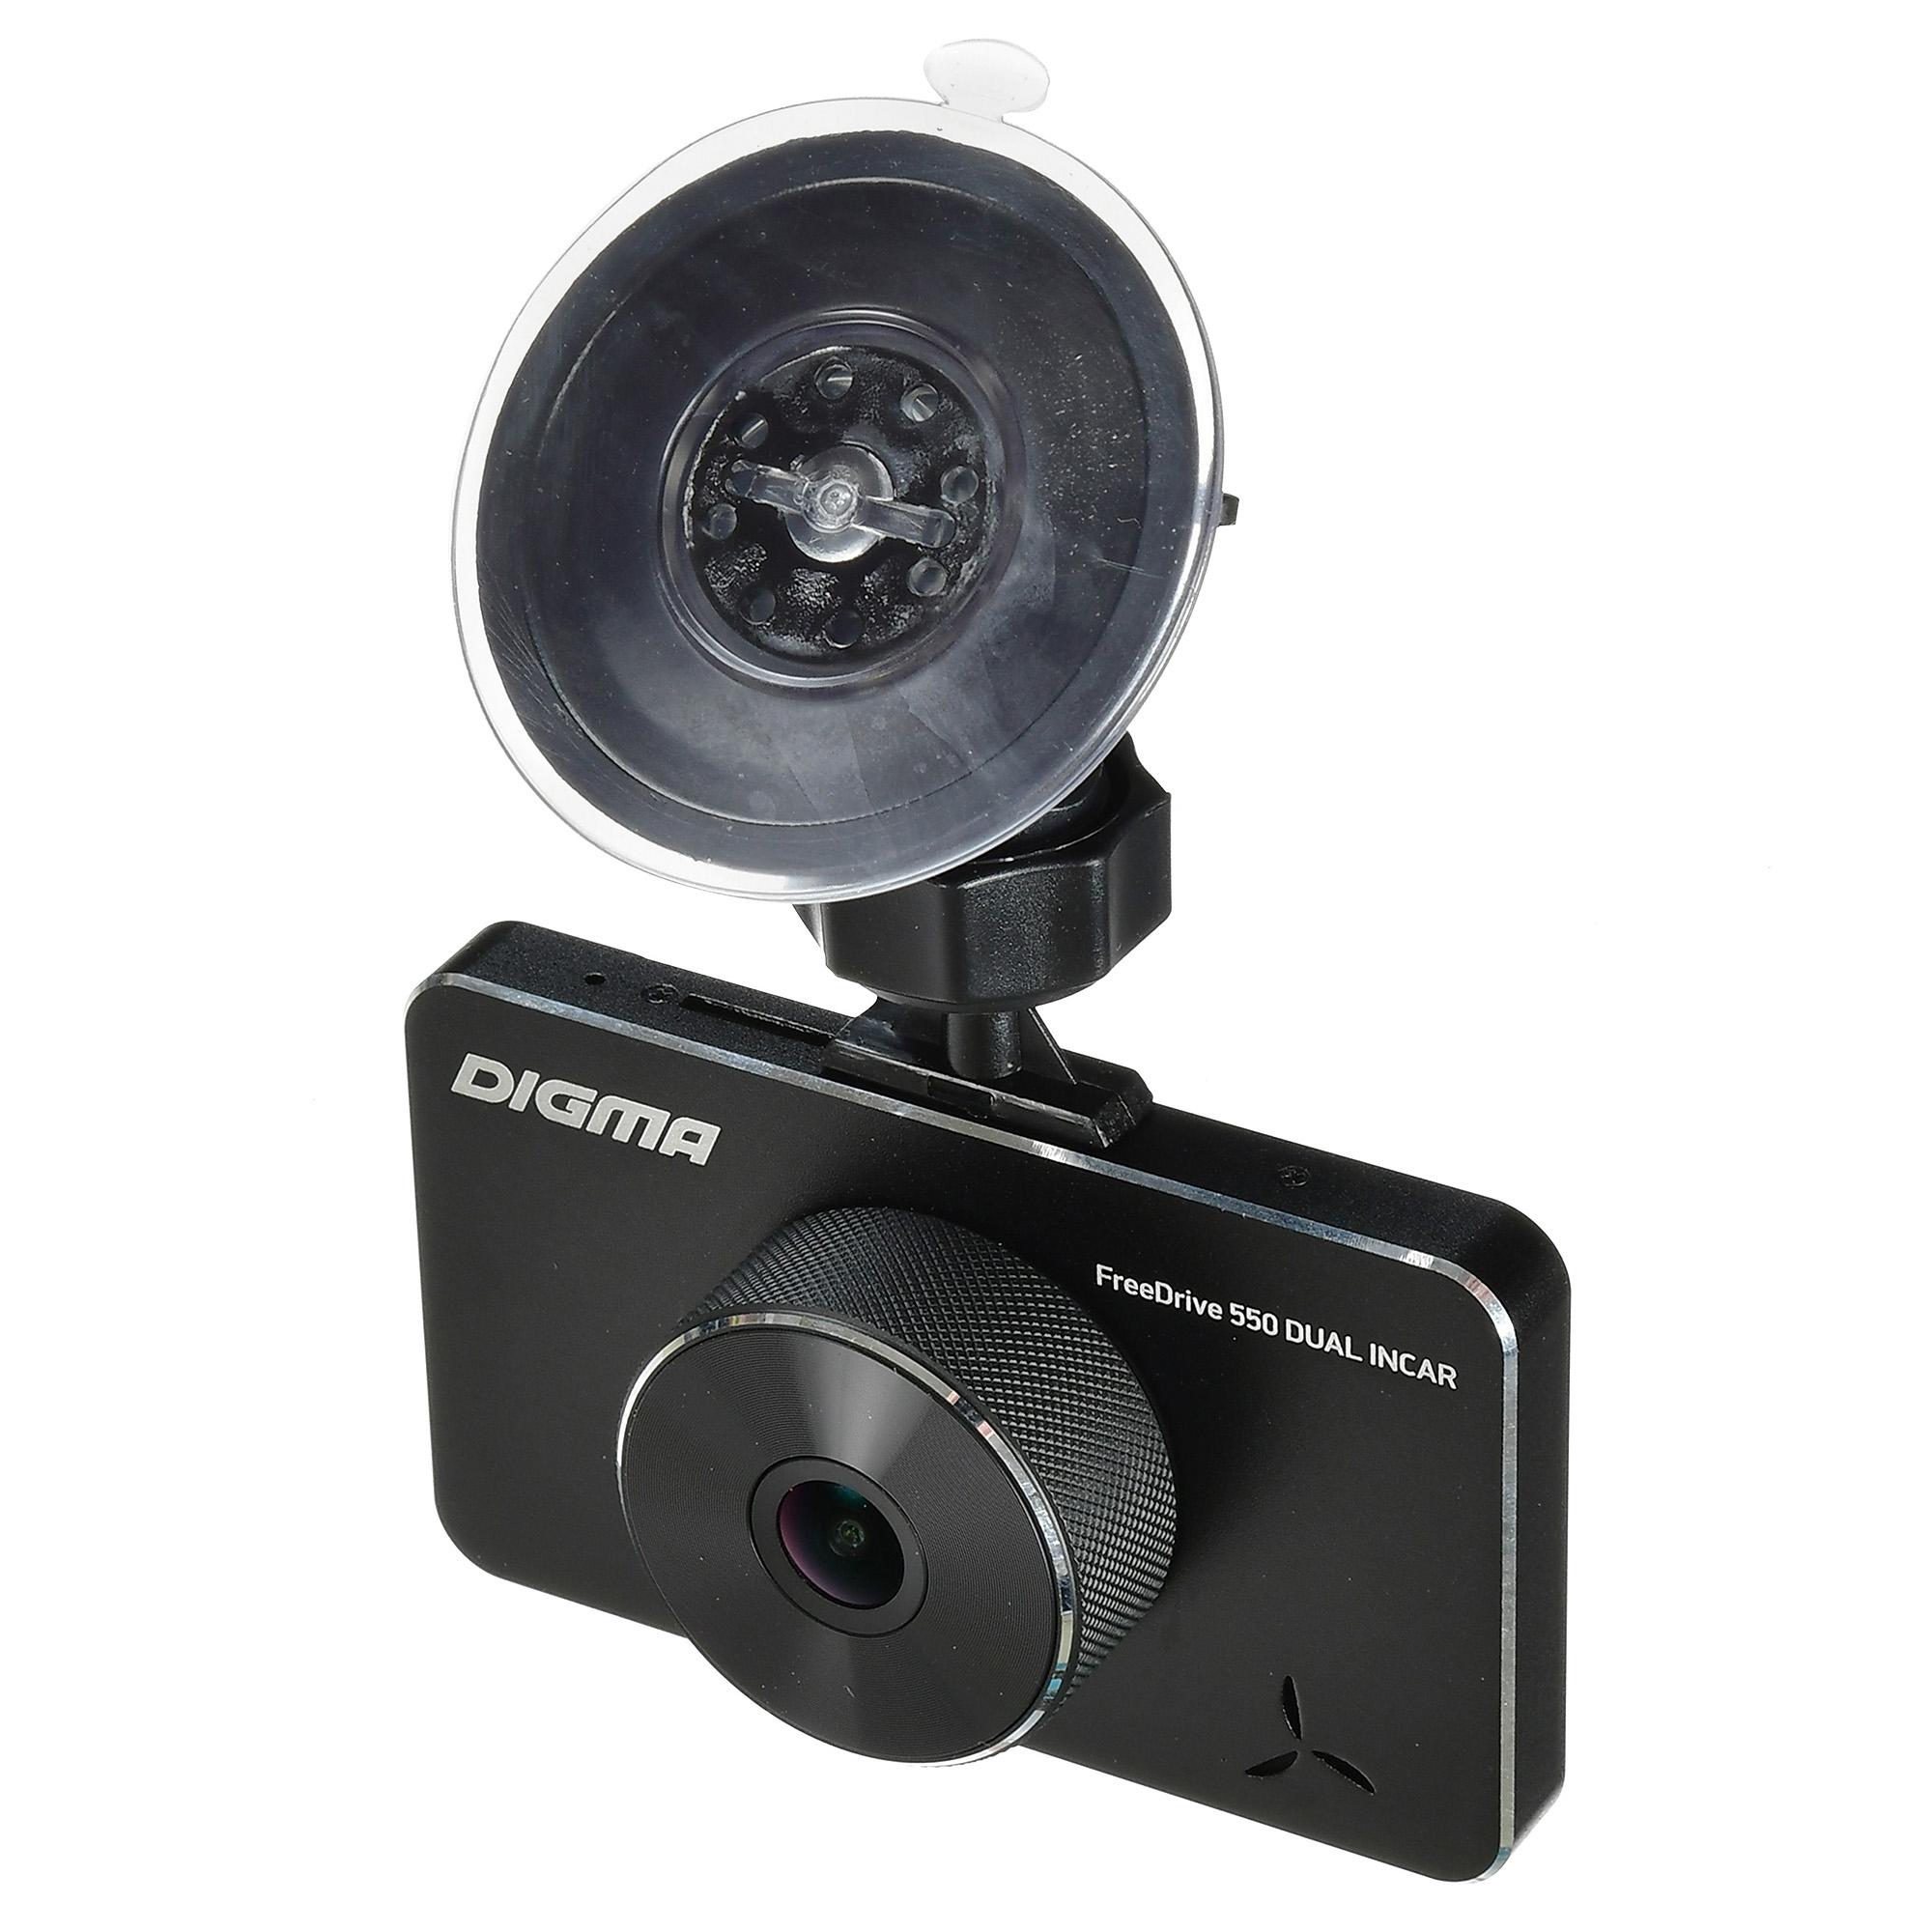 Видеорегистратор DIGMA FreeDrive 550 DUAL INCAR: двойной обзор